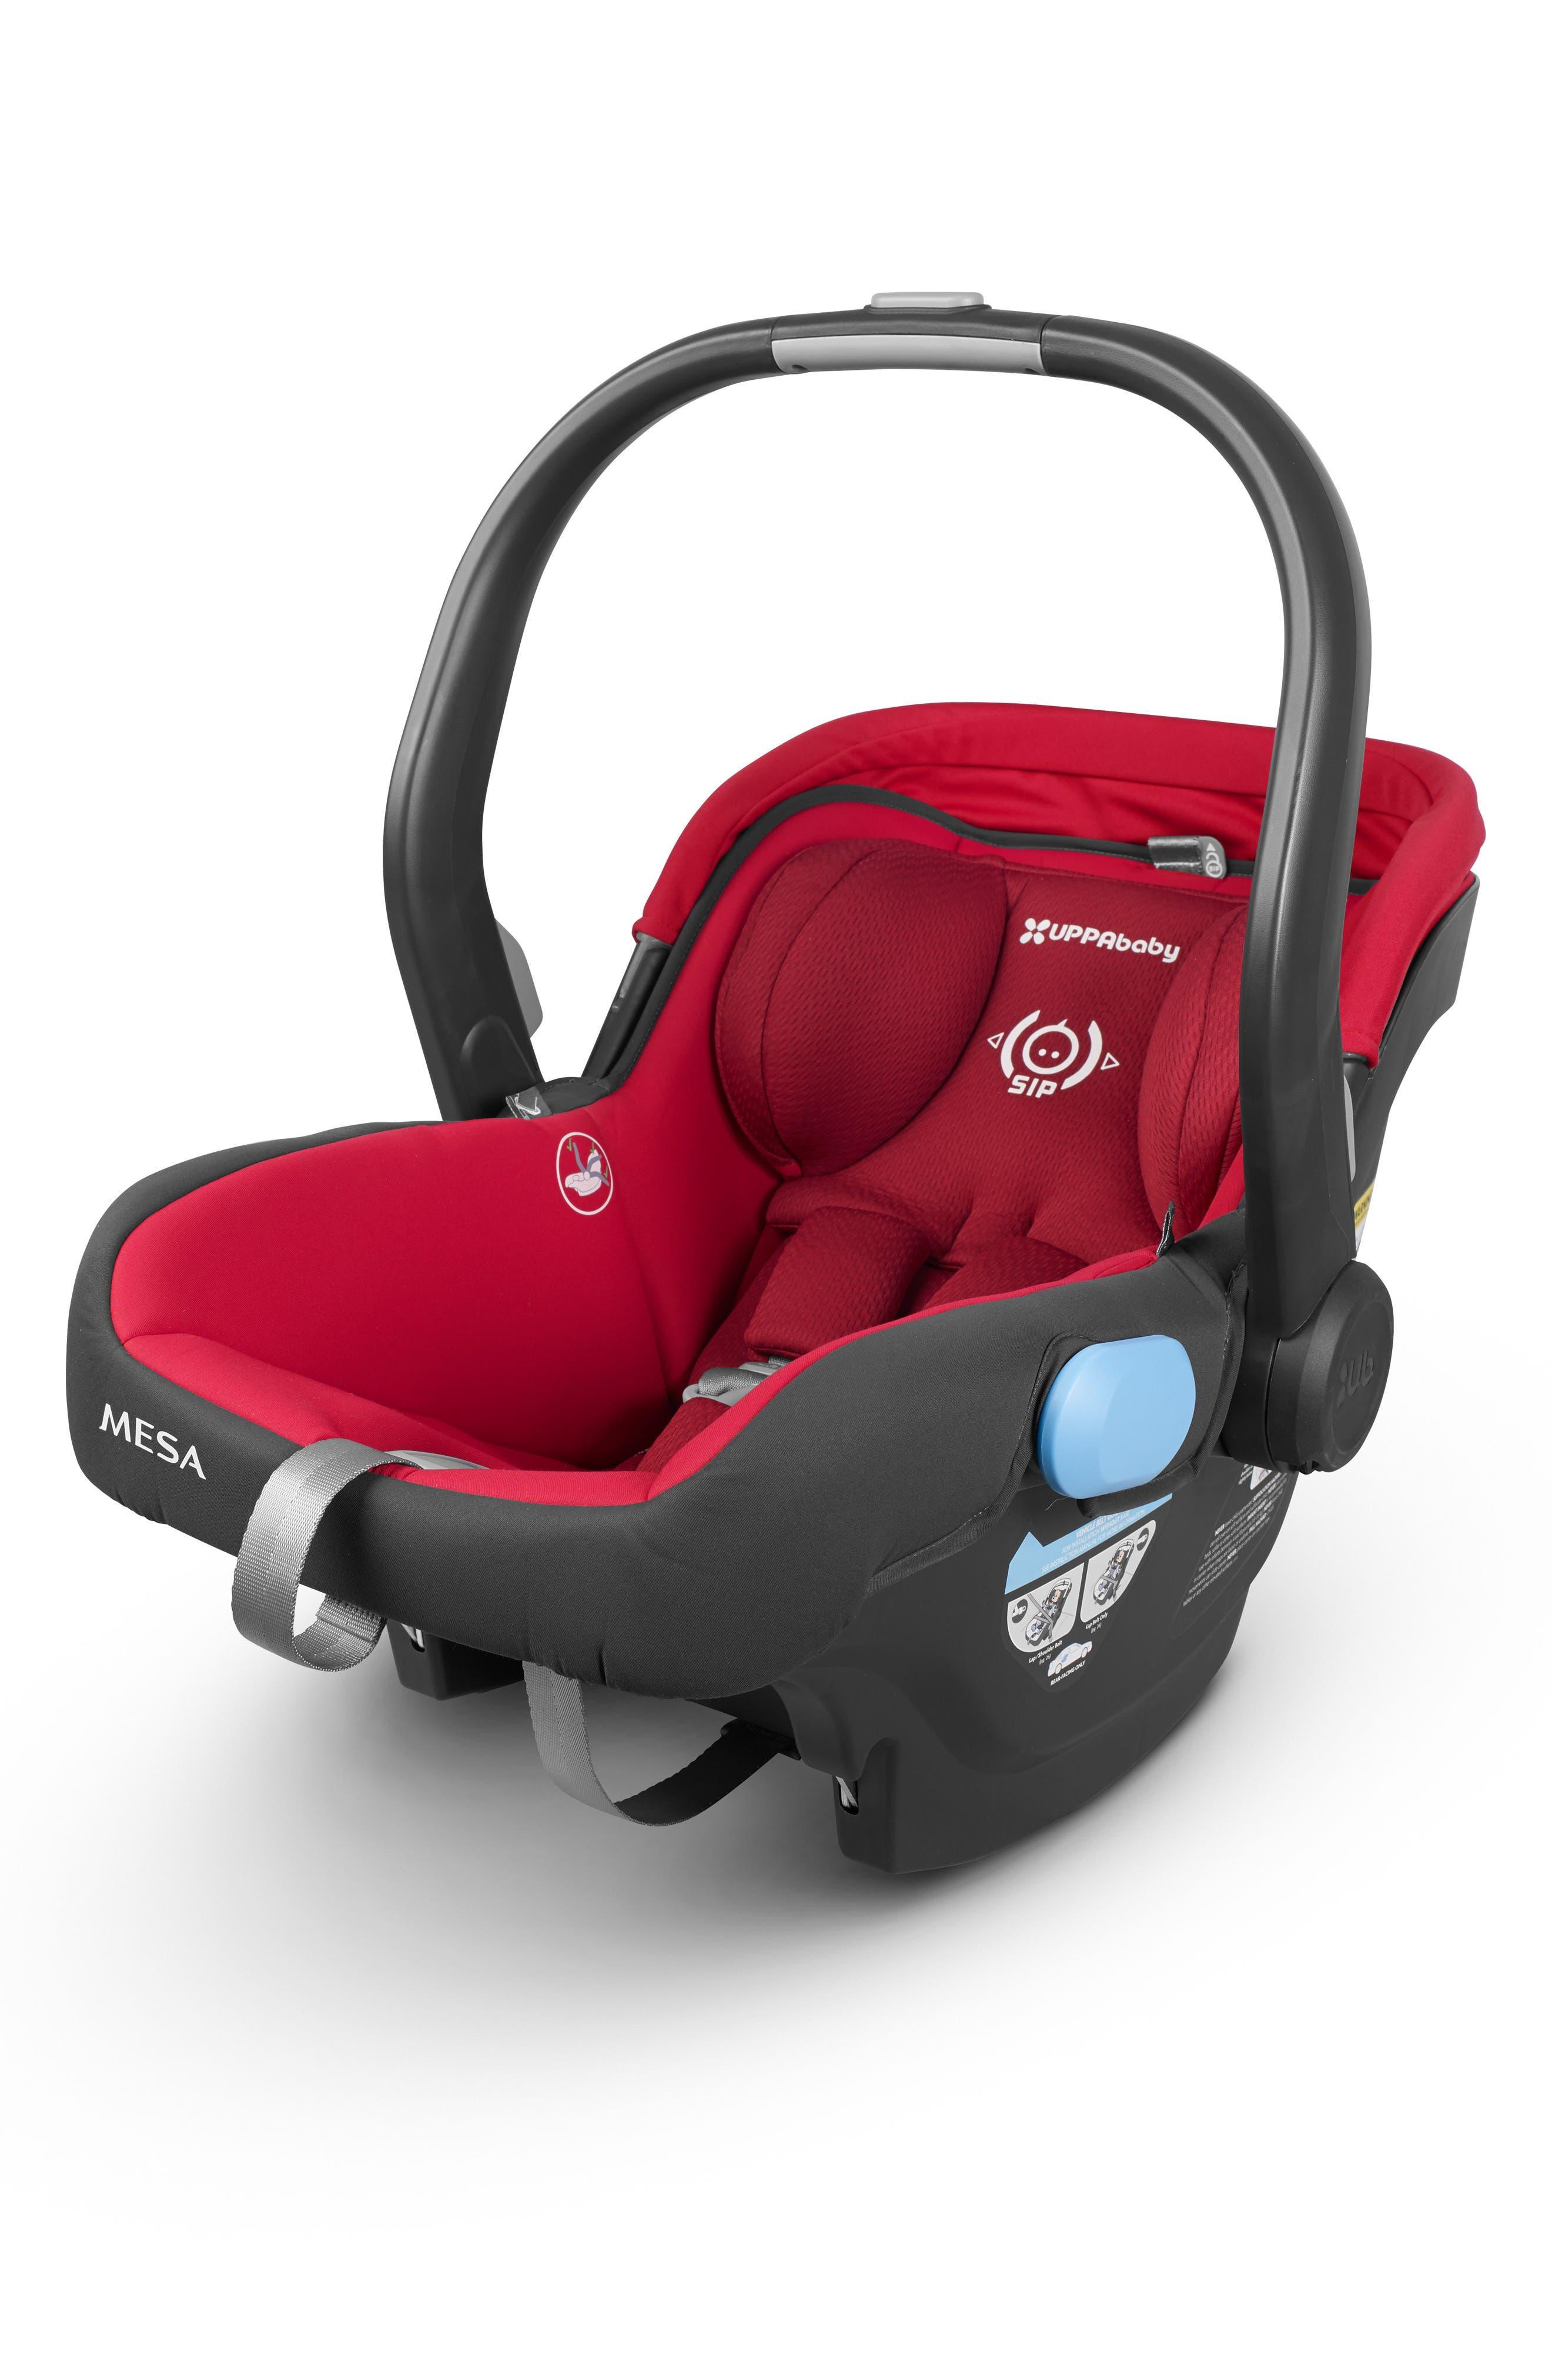 Main Image - UPPAbaby 2018 MESA Denny Infant Car Seat